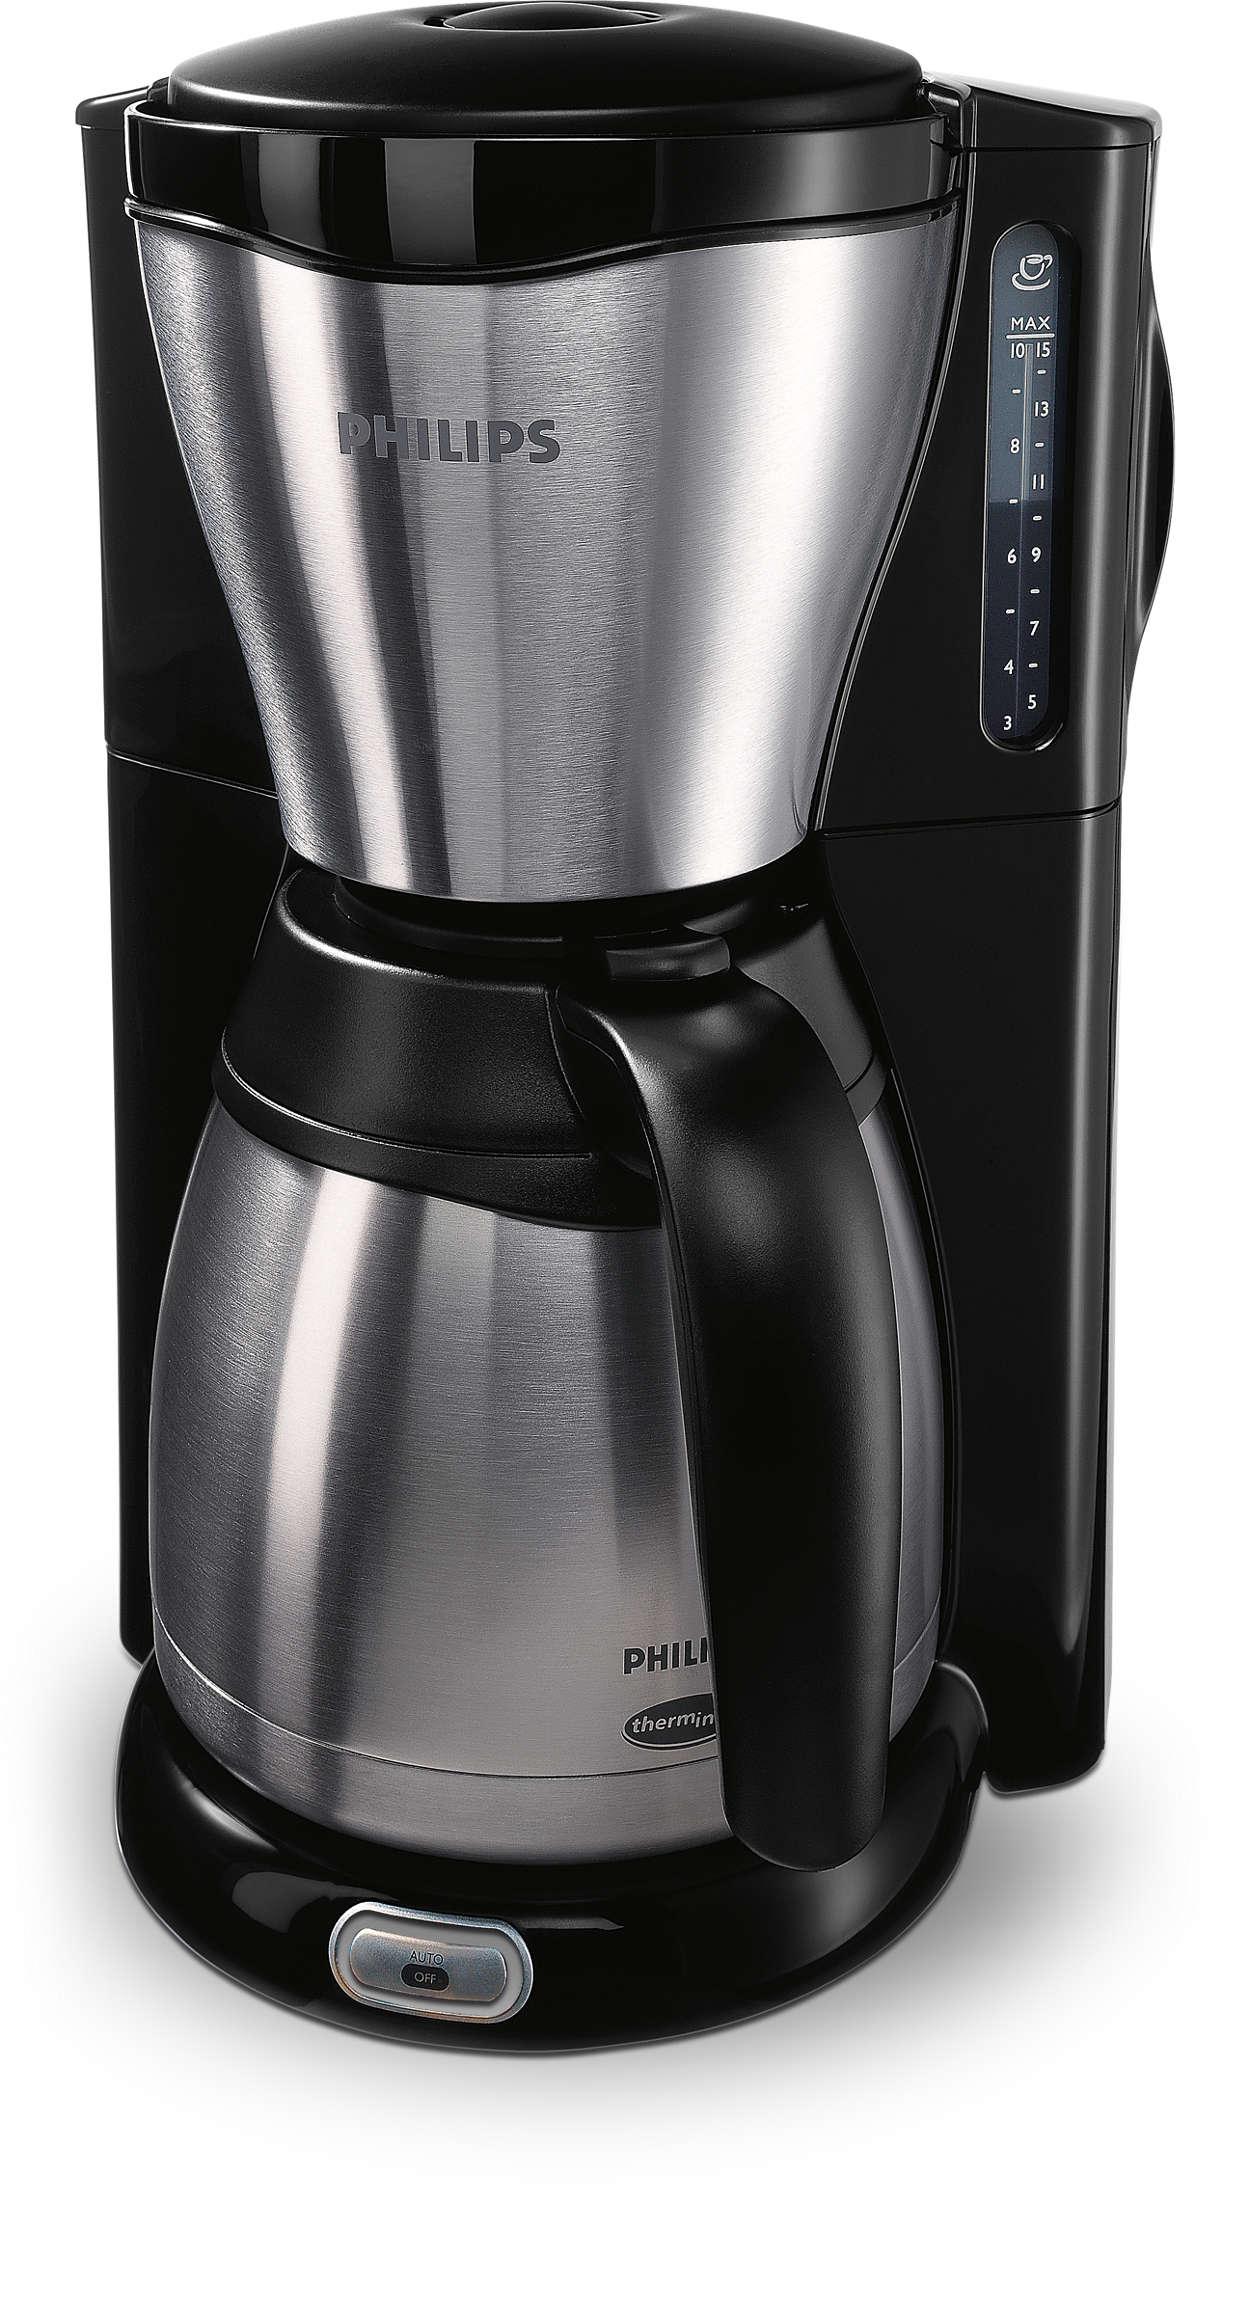 قهوة لذيذة وساخنة بتصميم مبتكر